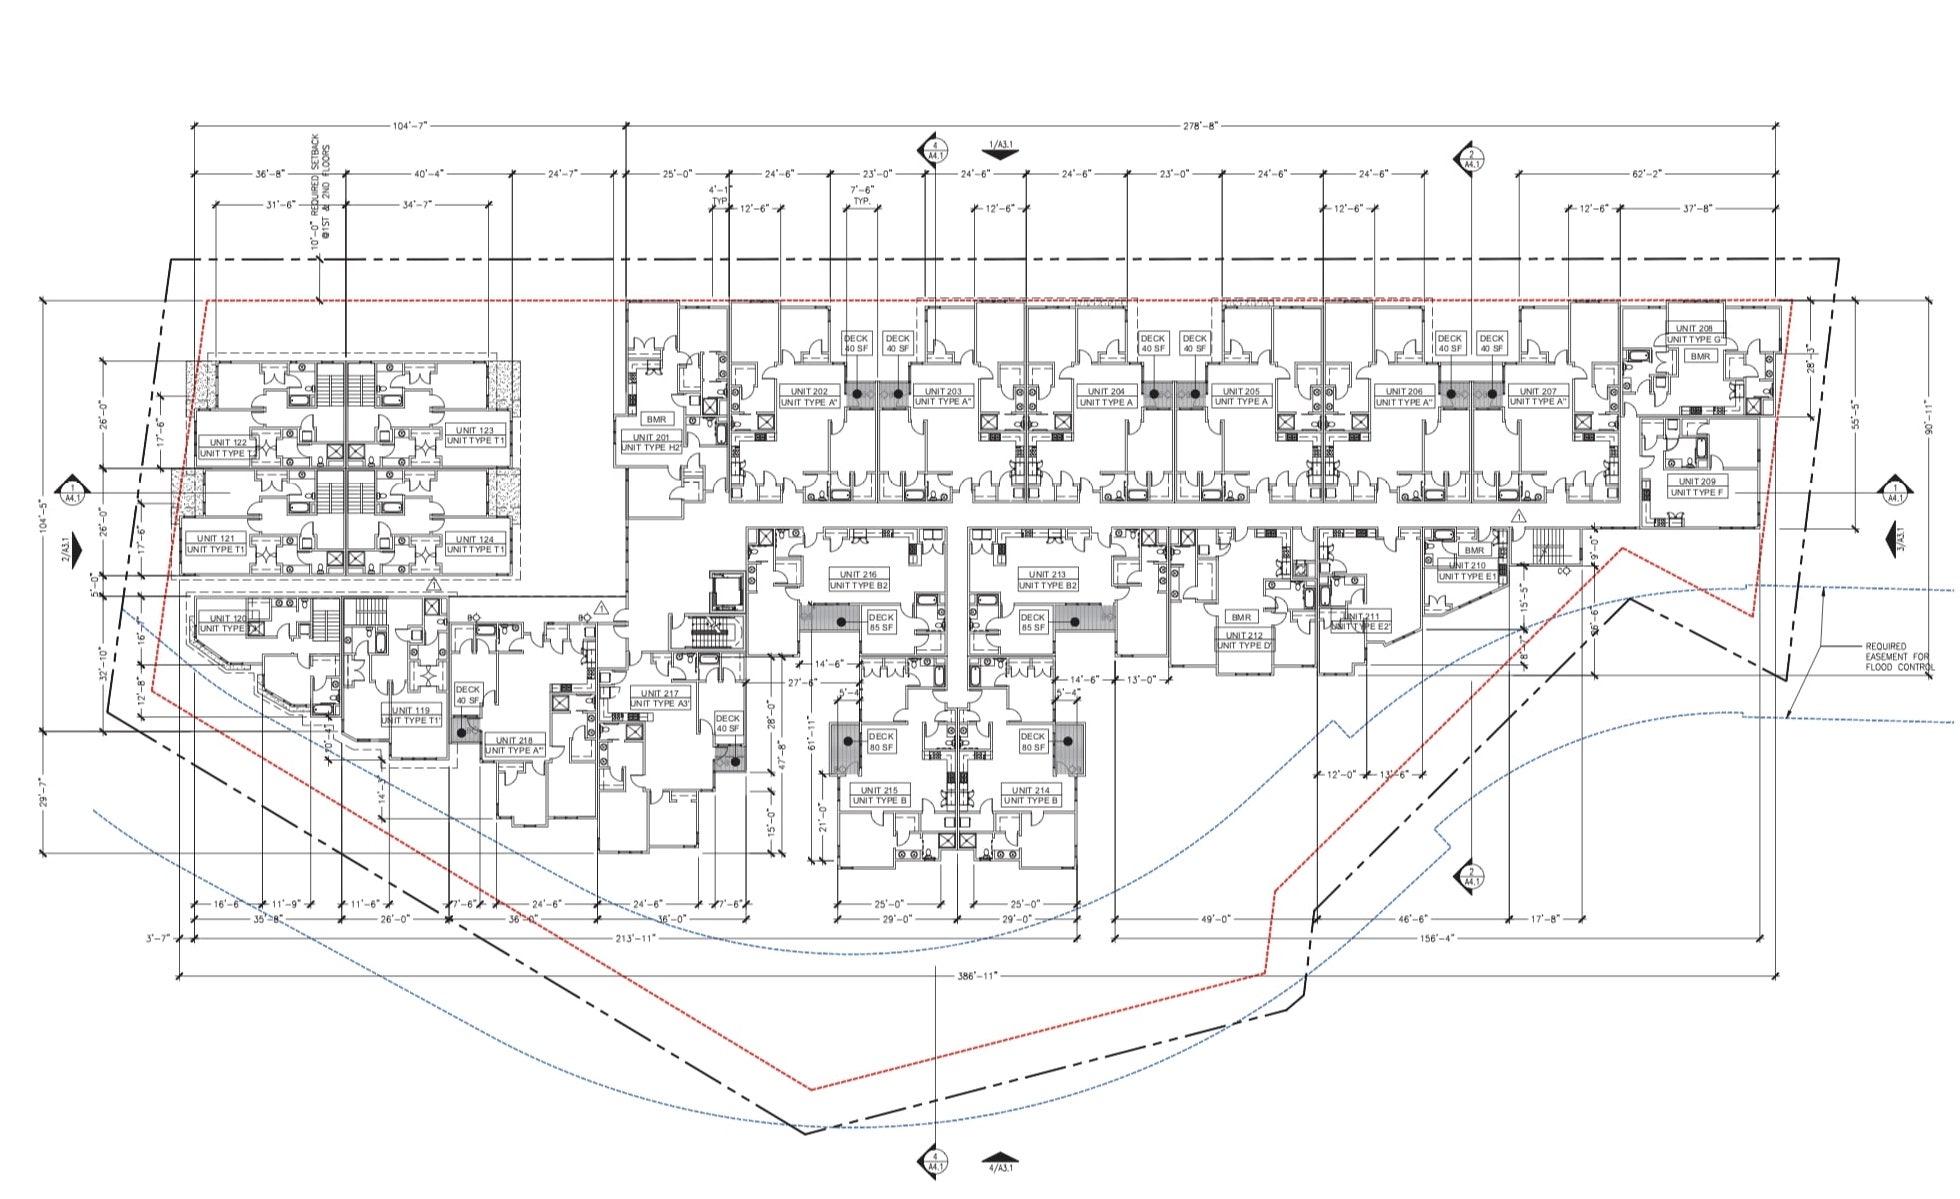 3483 Golden Gate Way Second Floor Plan